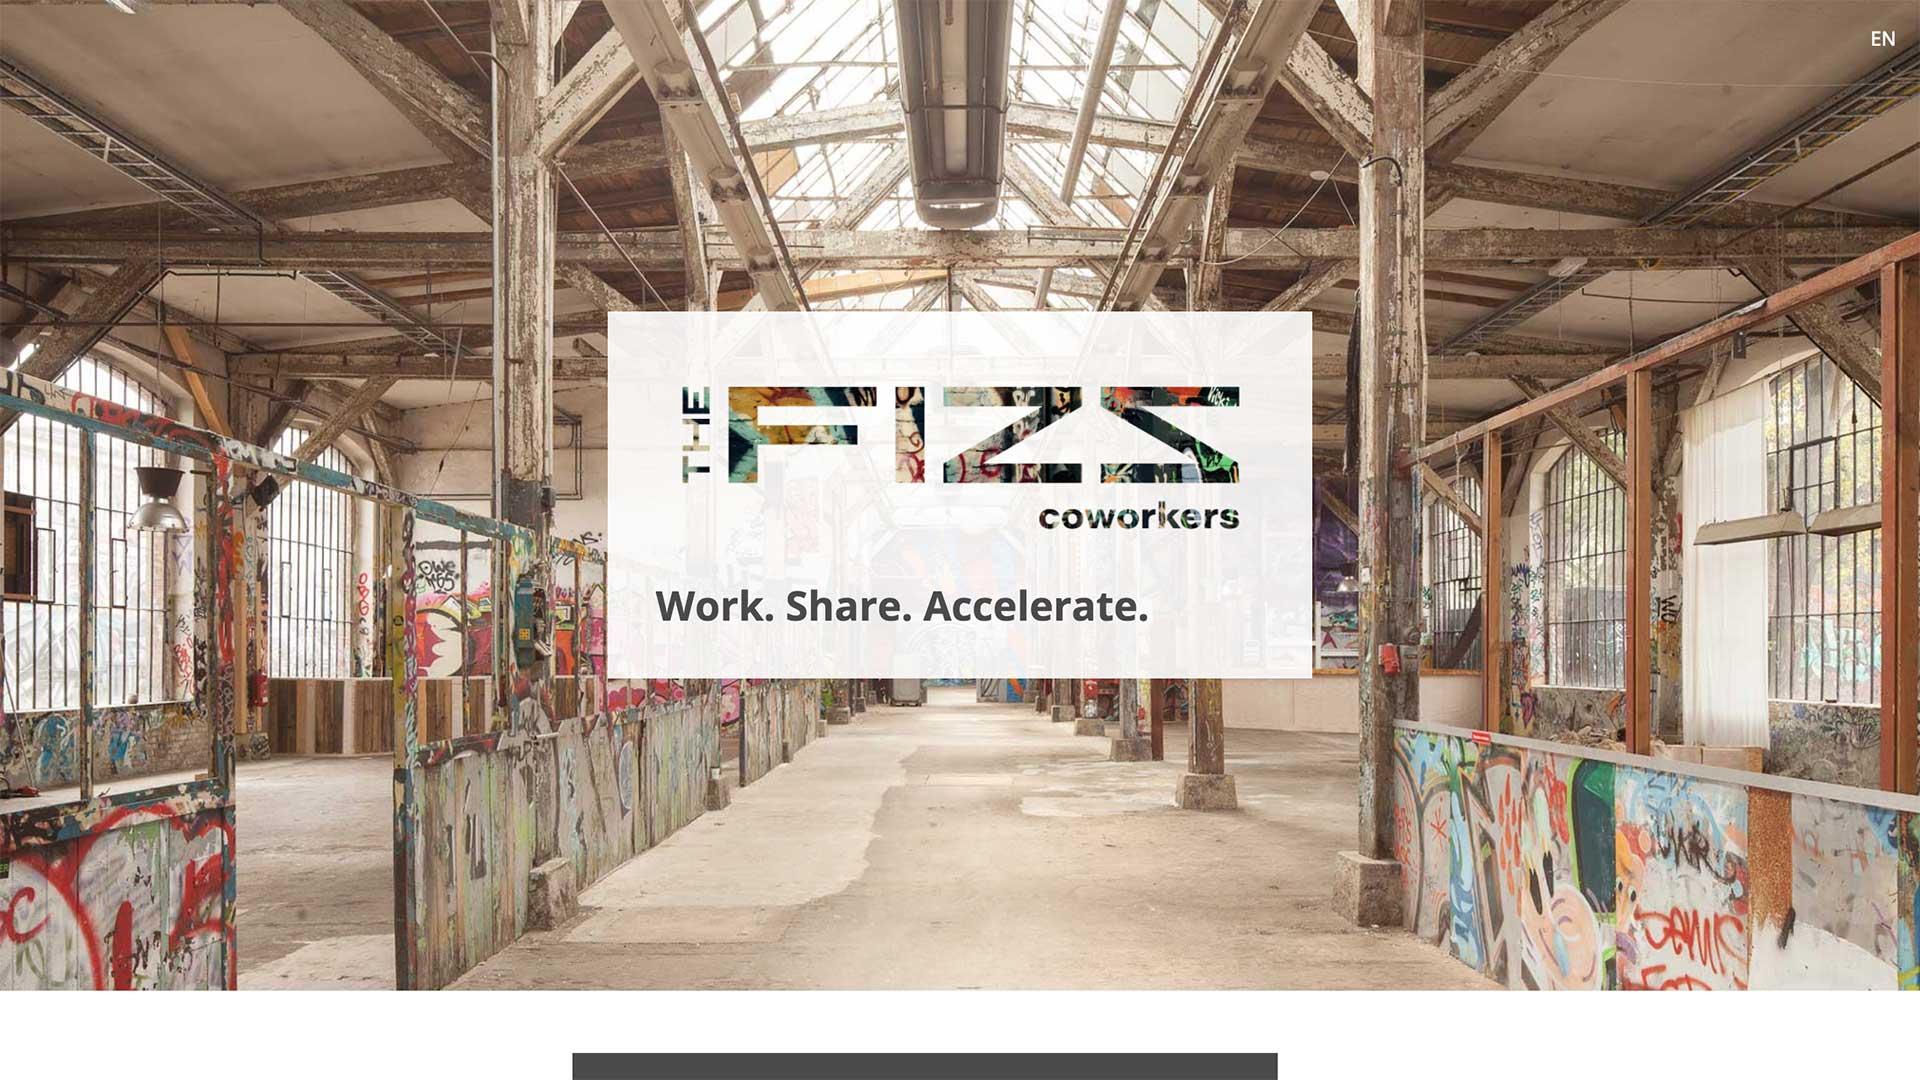 Eröffnungs Section der Startseite von THE FIZZ coworkers